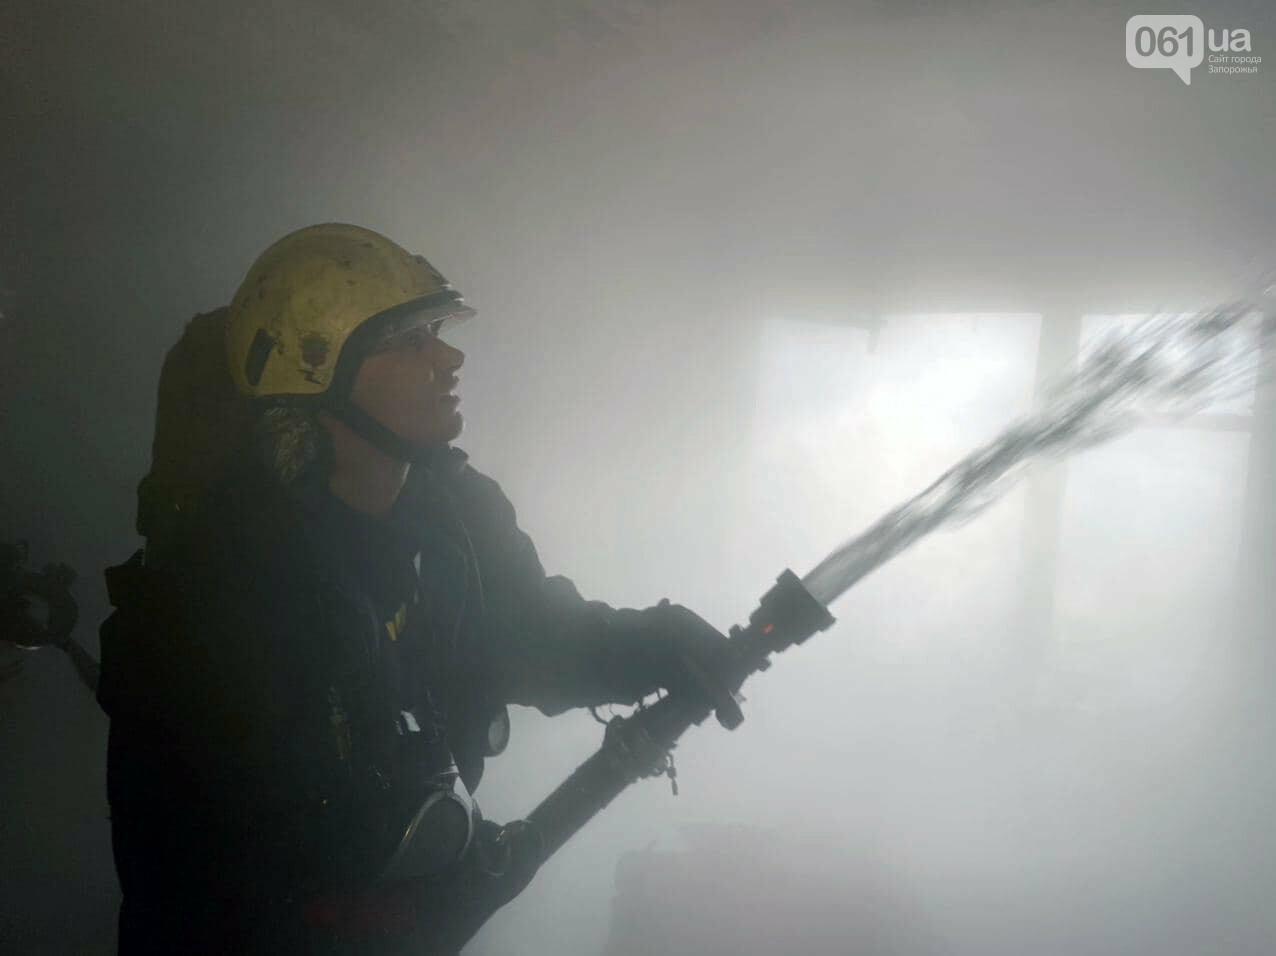 Пожар в запорожской девятиэтажке тушили 6 единиц техники и 22 спасателя, - ФОТО , фото-4